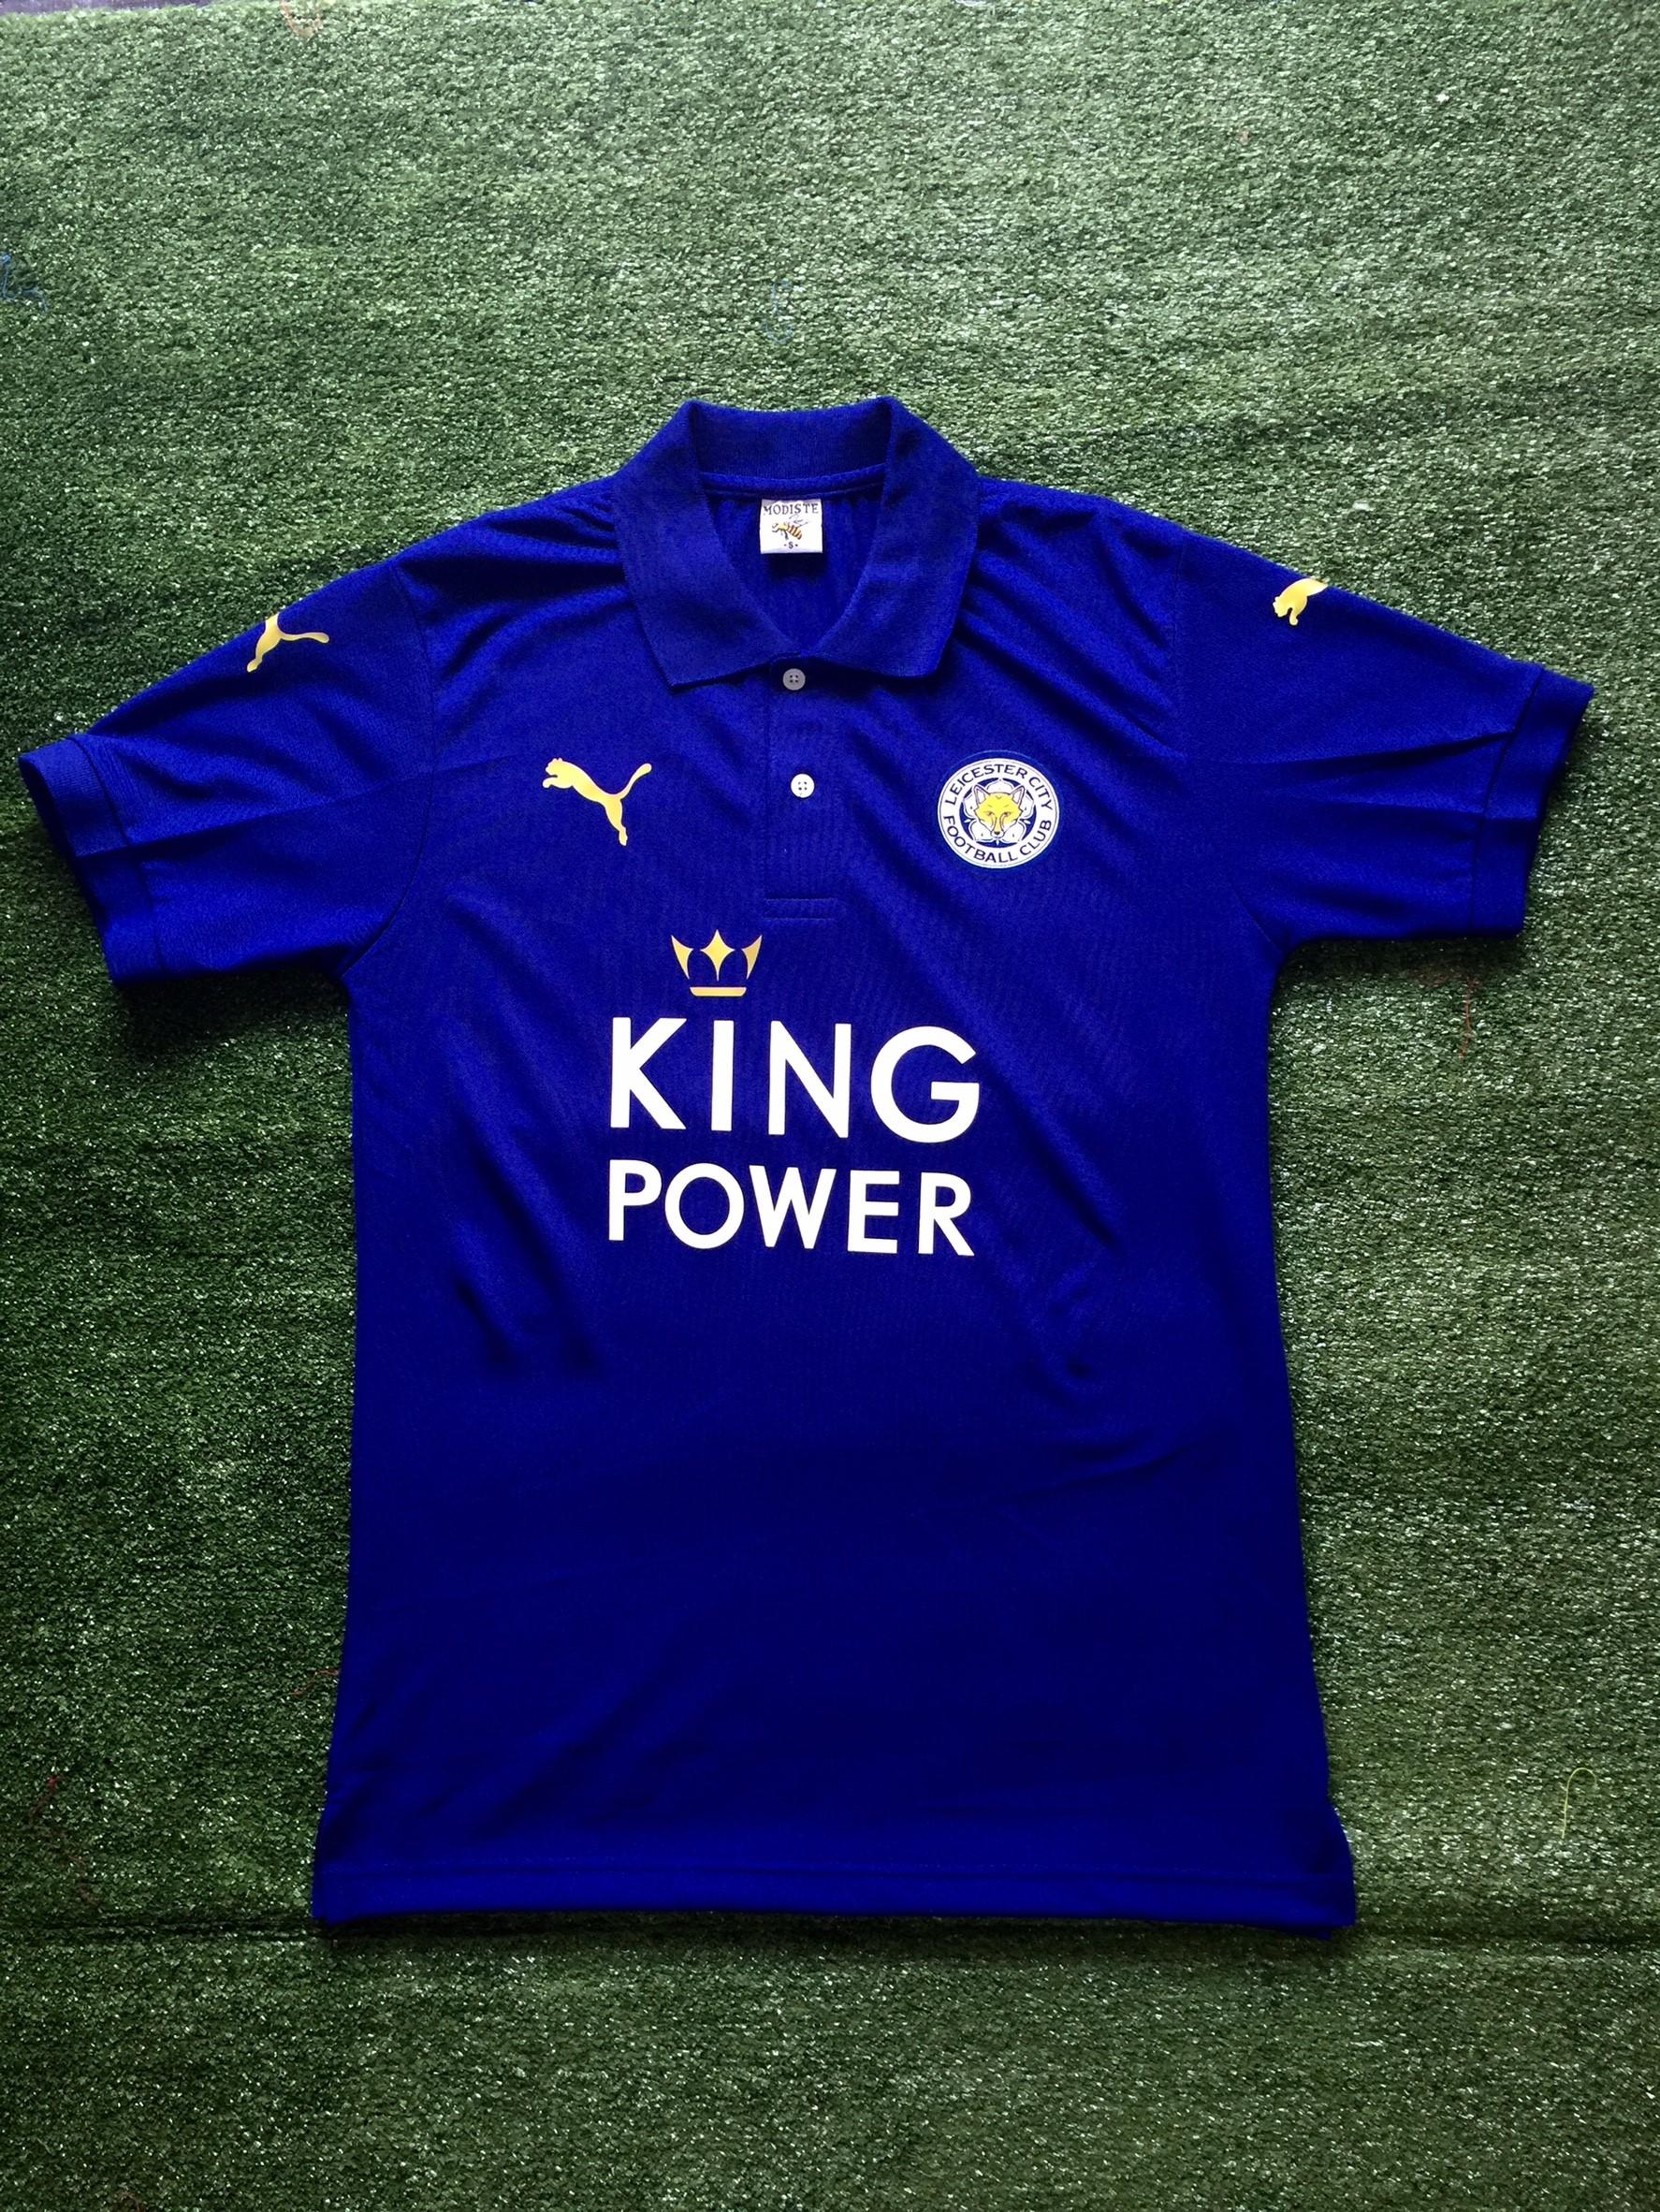 เสื้อโปโล เลสเตอร์ซิตี ลาย เดียวกับเสื้อฟุตบอล สีน้ำเงิน L9K-N